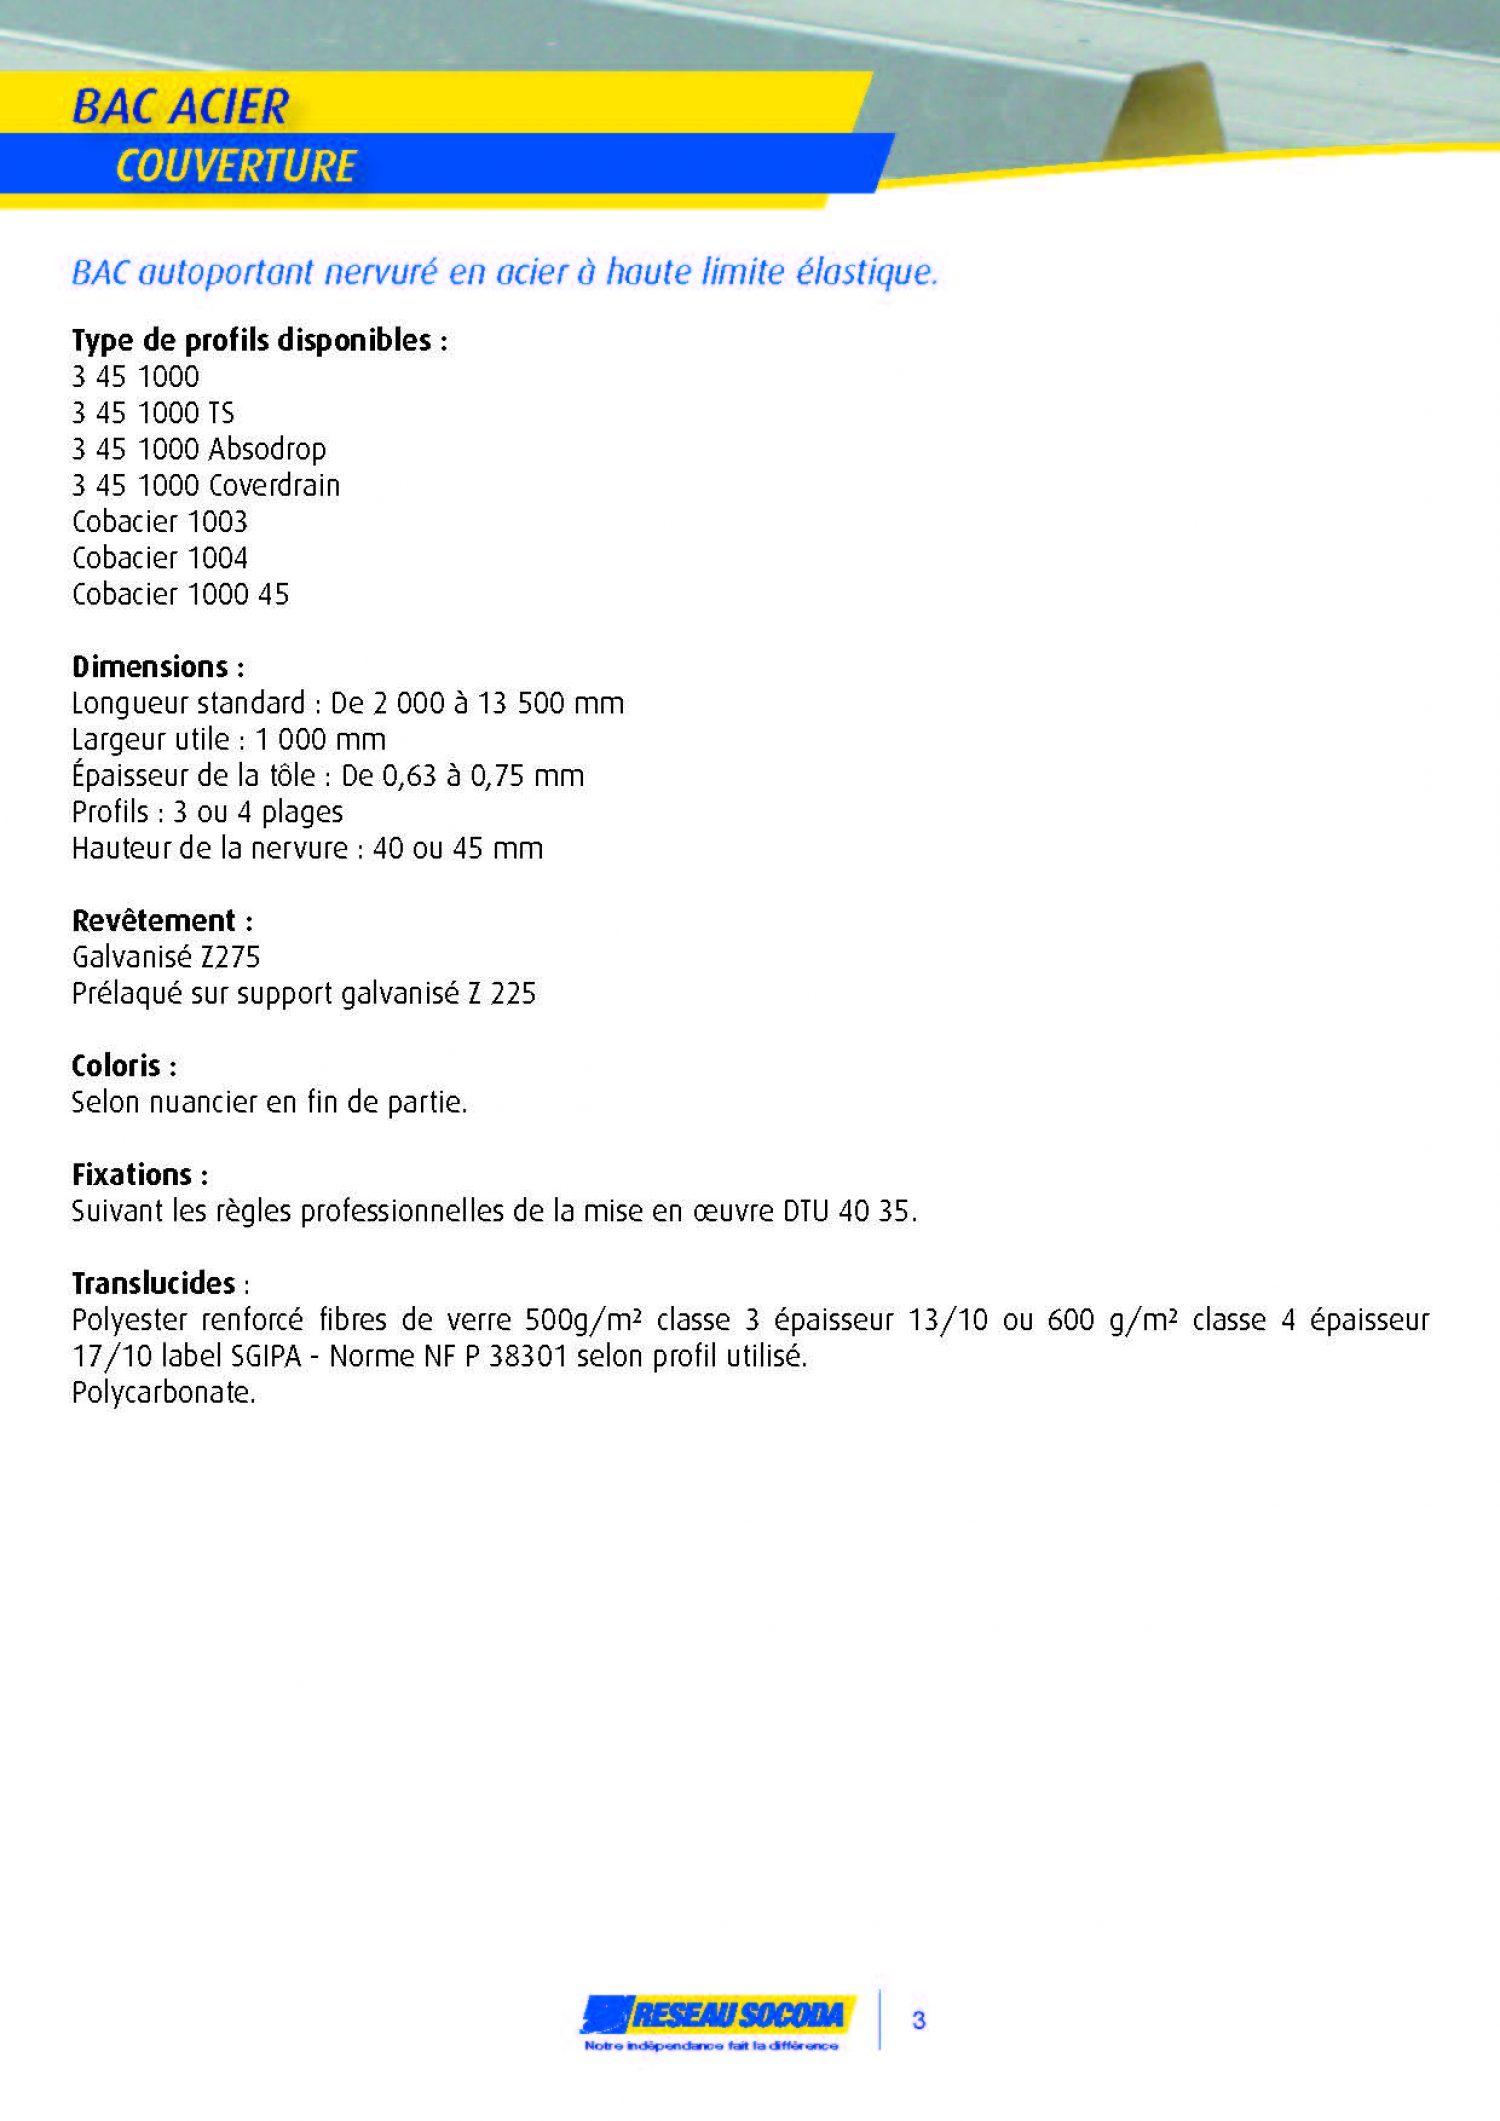 GERMOND_2014 PROFIL BATIMENT_20140324-184231_Page_03